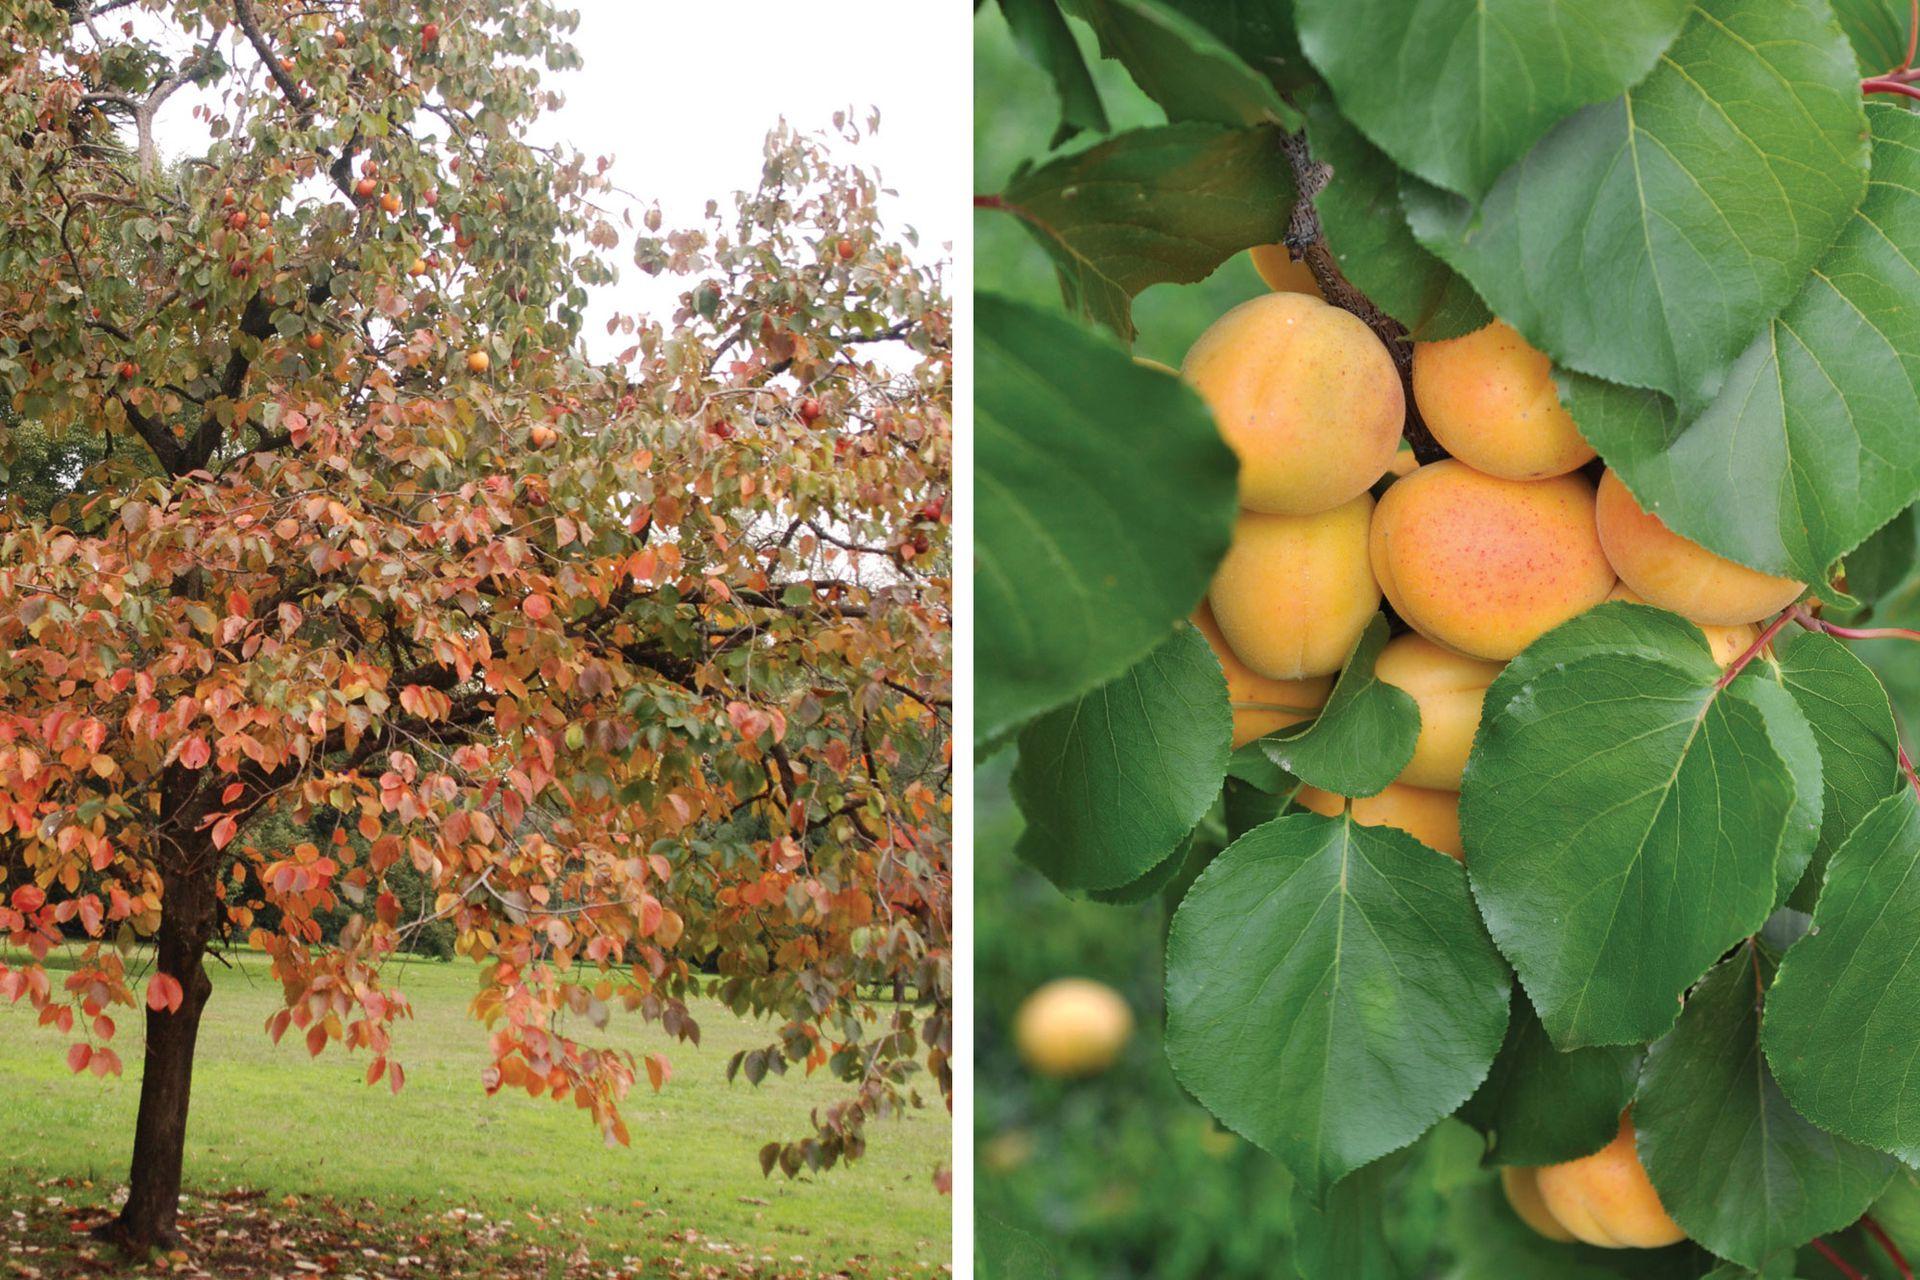 Un caqui en su mejor momento: cuando el follaje rojo del otoño se entrevera con los frutos que maduran color naranja (izquierda). Los frutos de los damascos maduran todos juntos. Cuando lo hacen hay que organizarse para hacer dulces o repartirlos entre amigos (derecha).